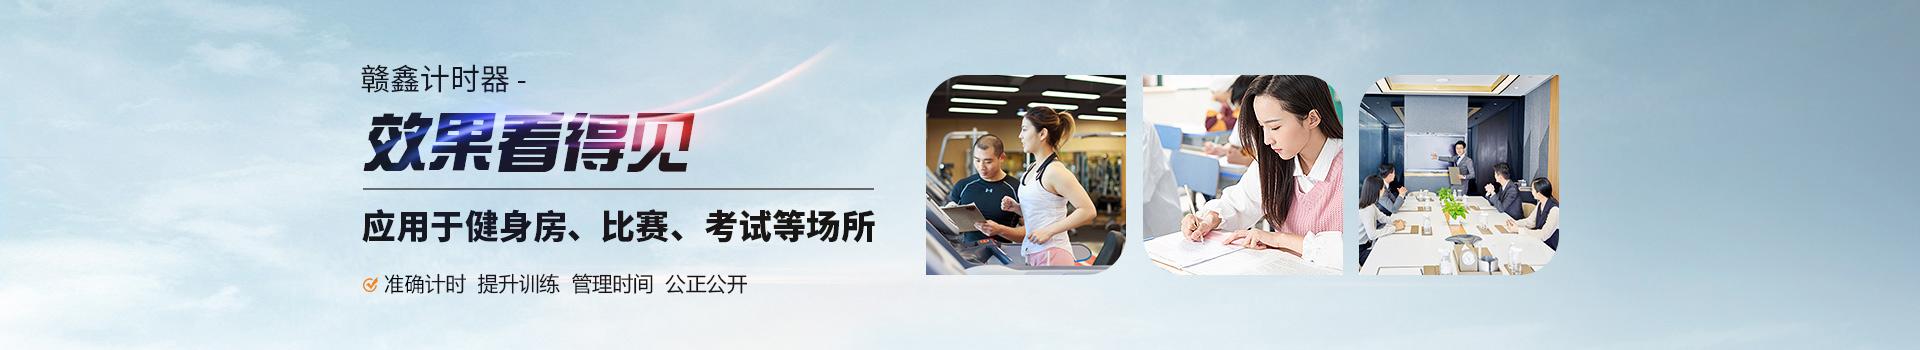 赣鑫计时器效果看得见,应用于健身房、比赛、考试等场所